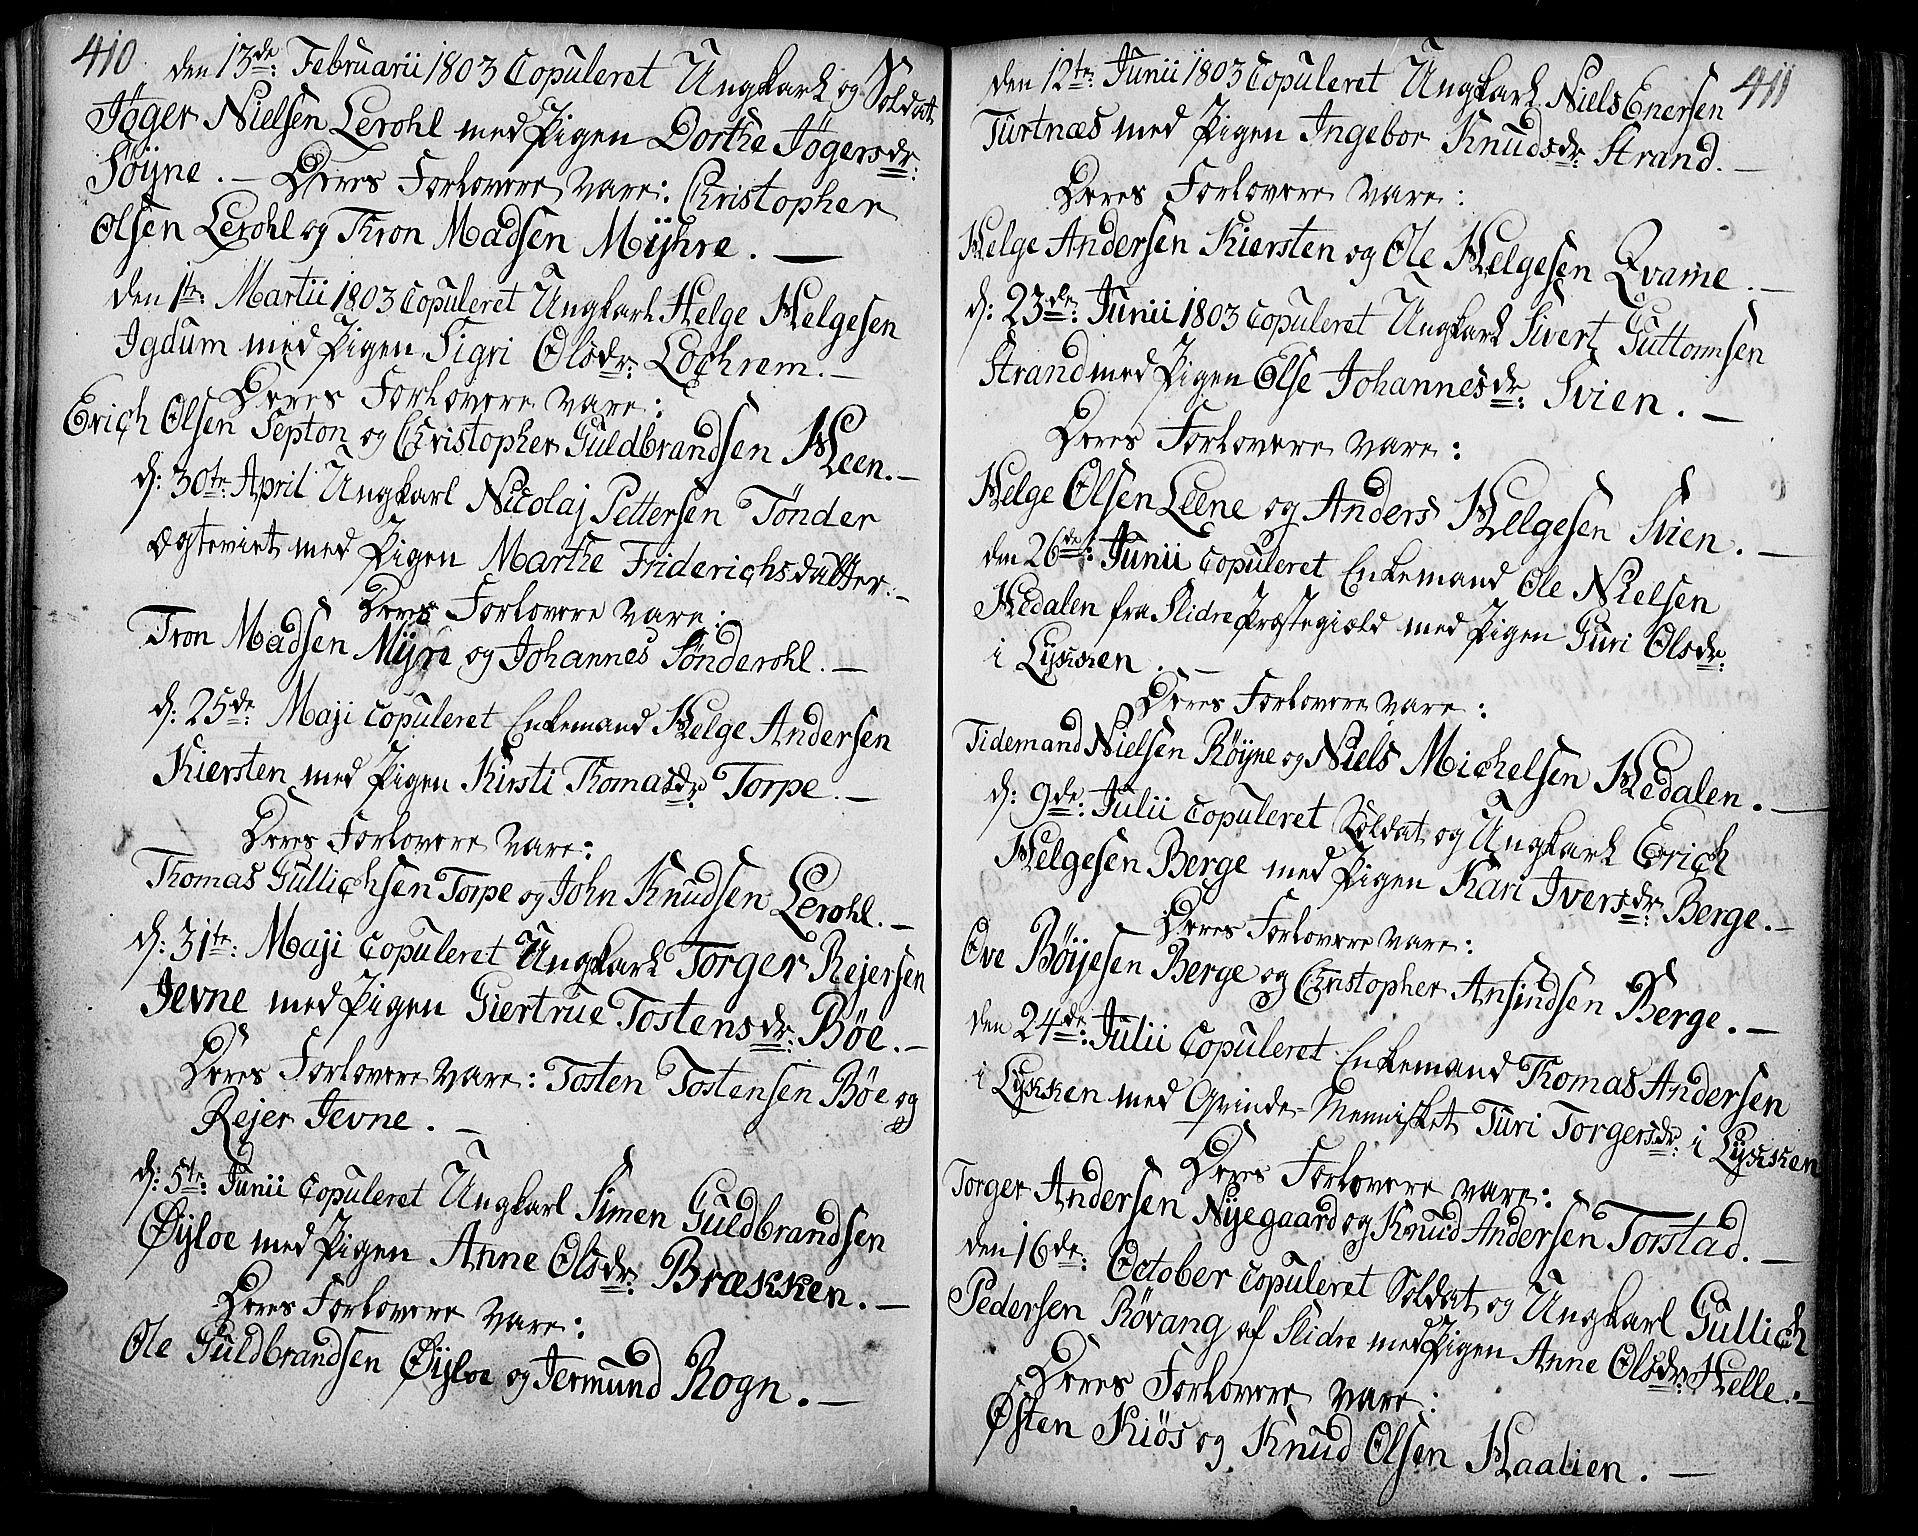 SAH, Vang prestekontor, Valdres, Ministerialbok nr. 2, 1796-1808, s. 410-411